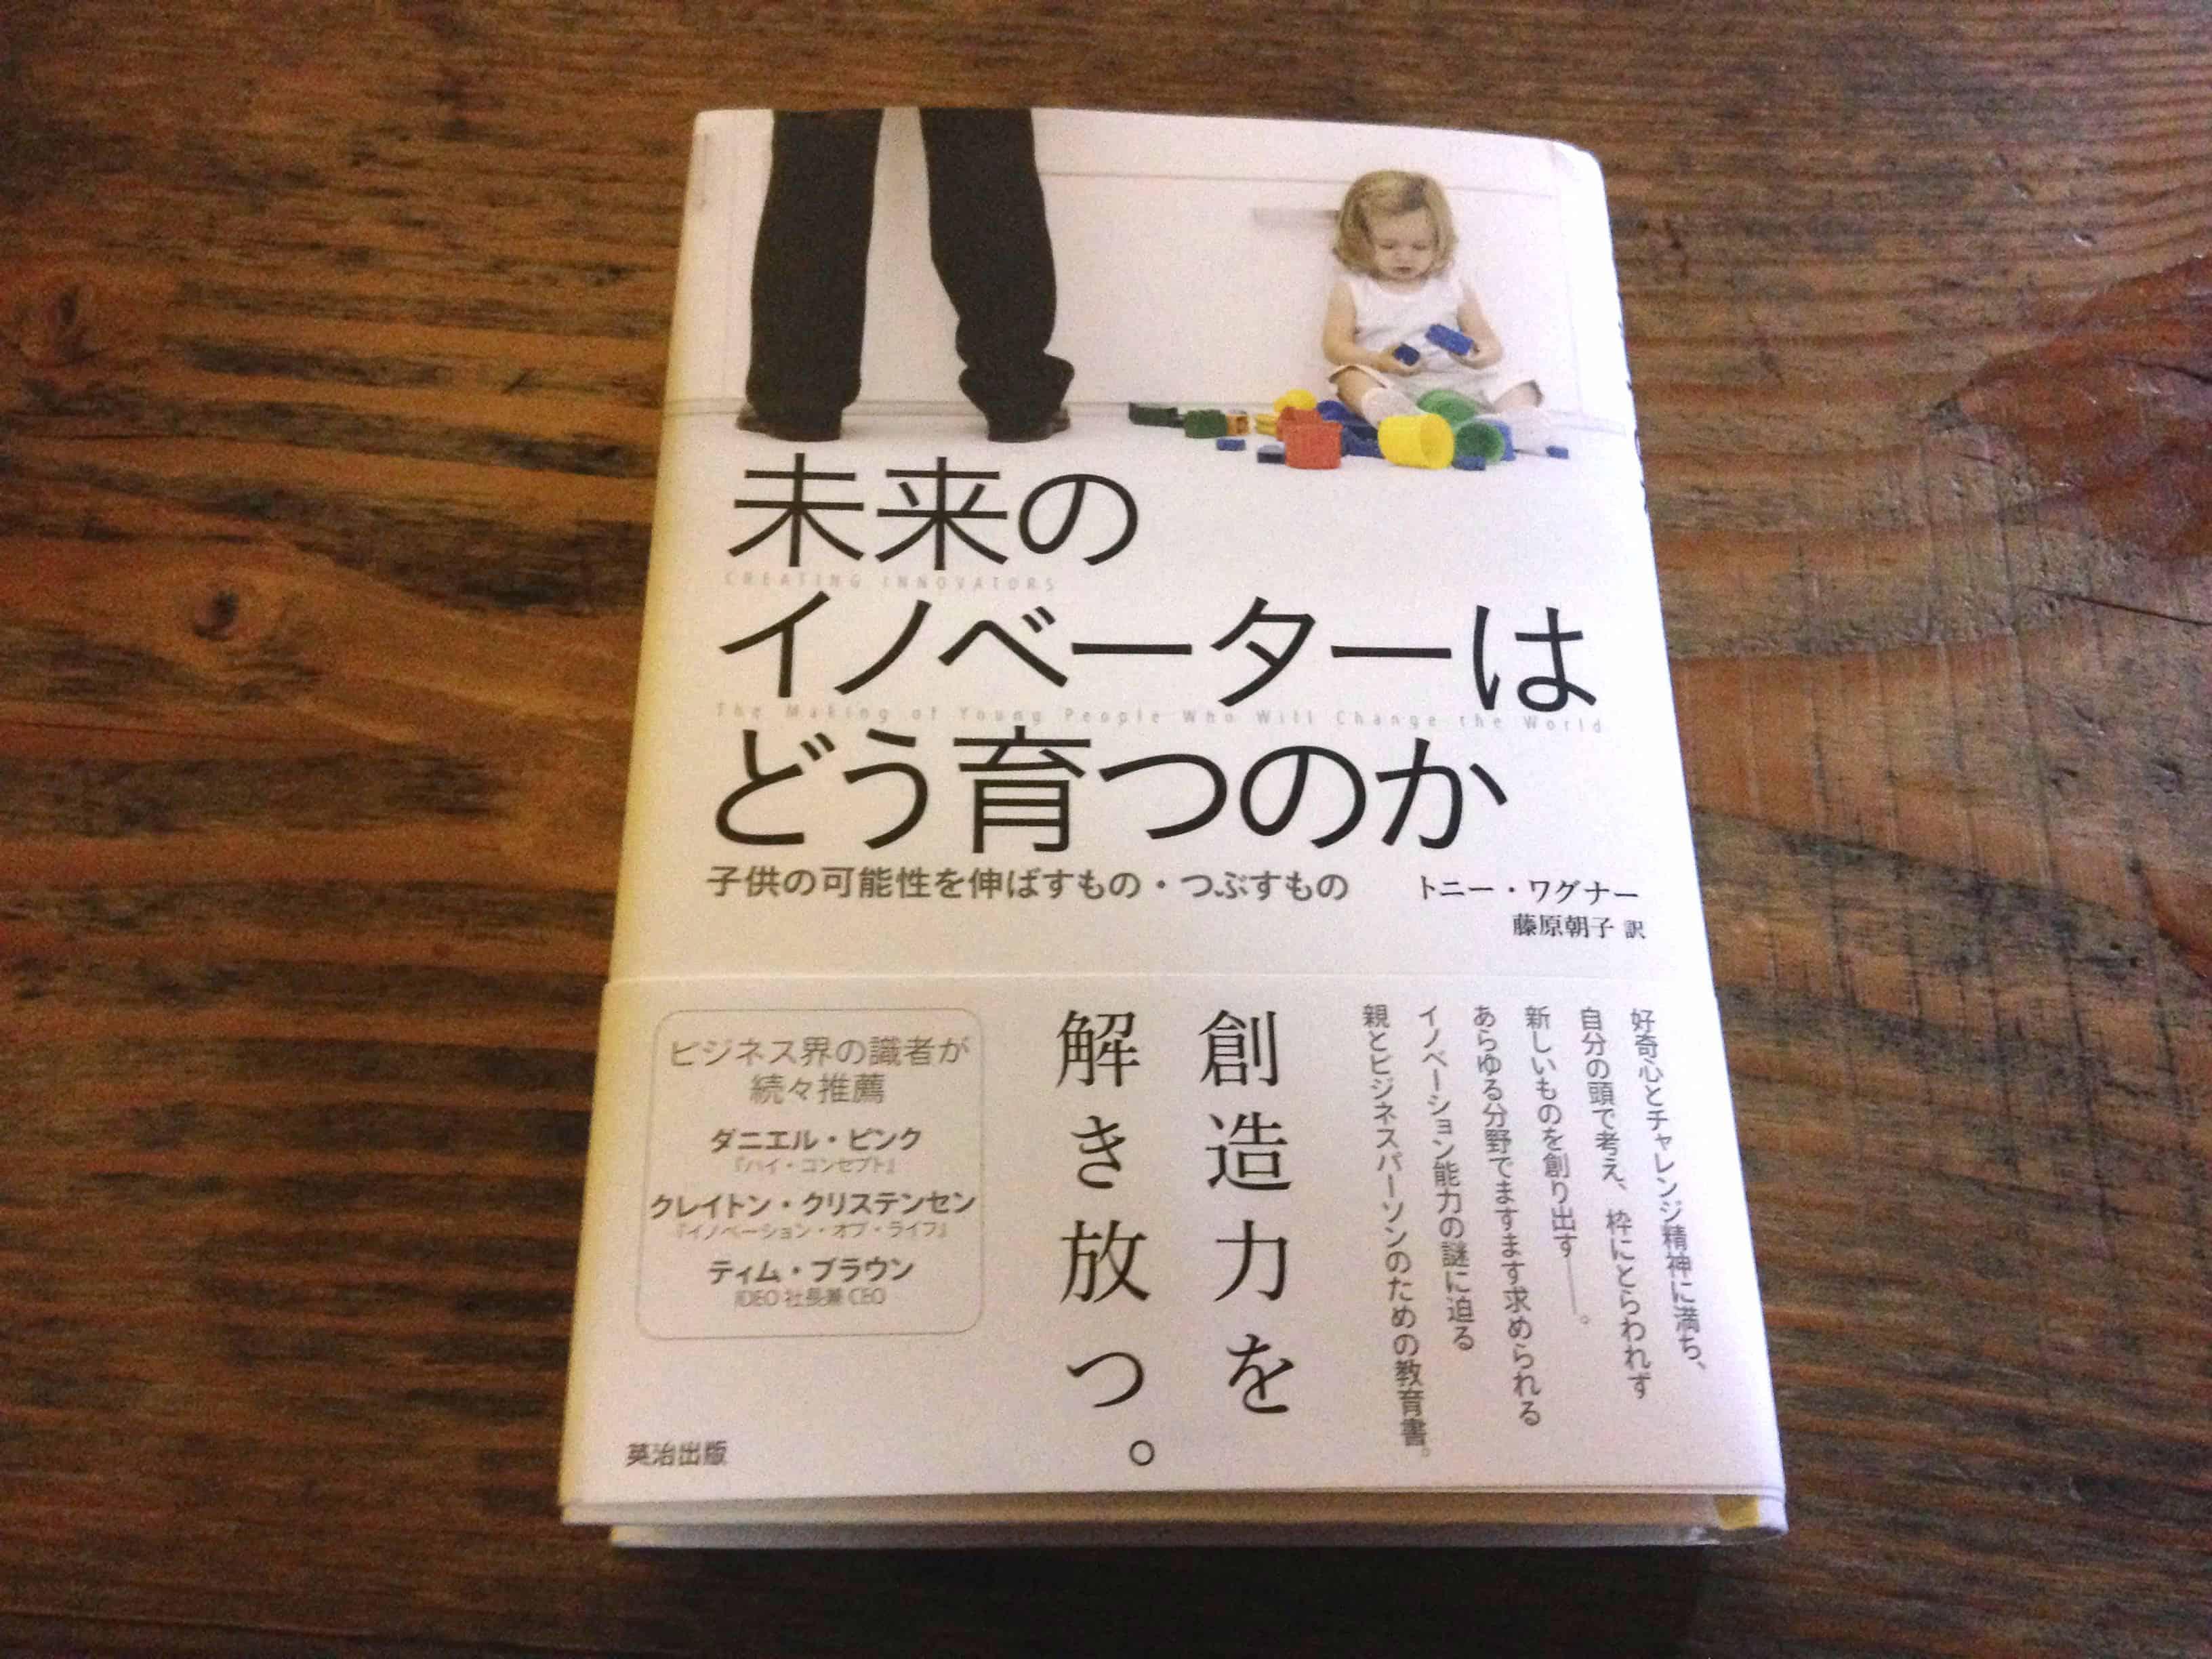 June 14 2014 at 0807PM - hashimoto-lab.comのWeb解析状況-東大中原先生ブログと比較して-